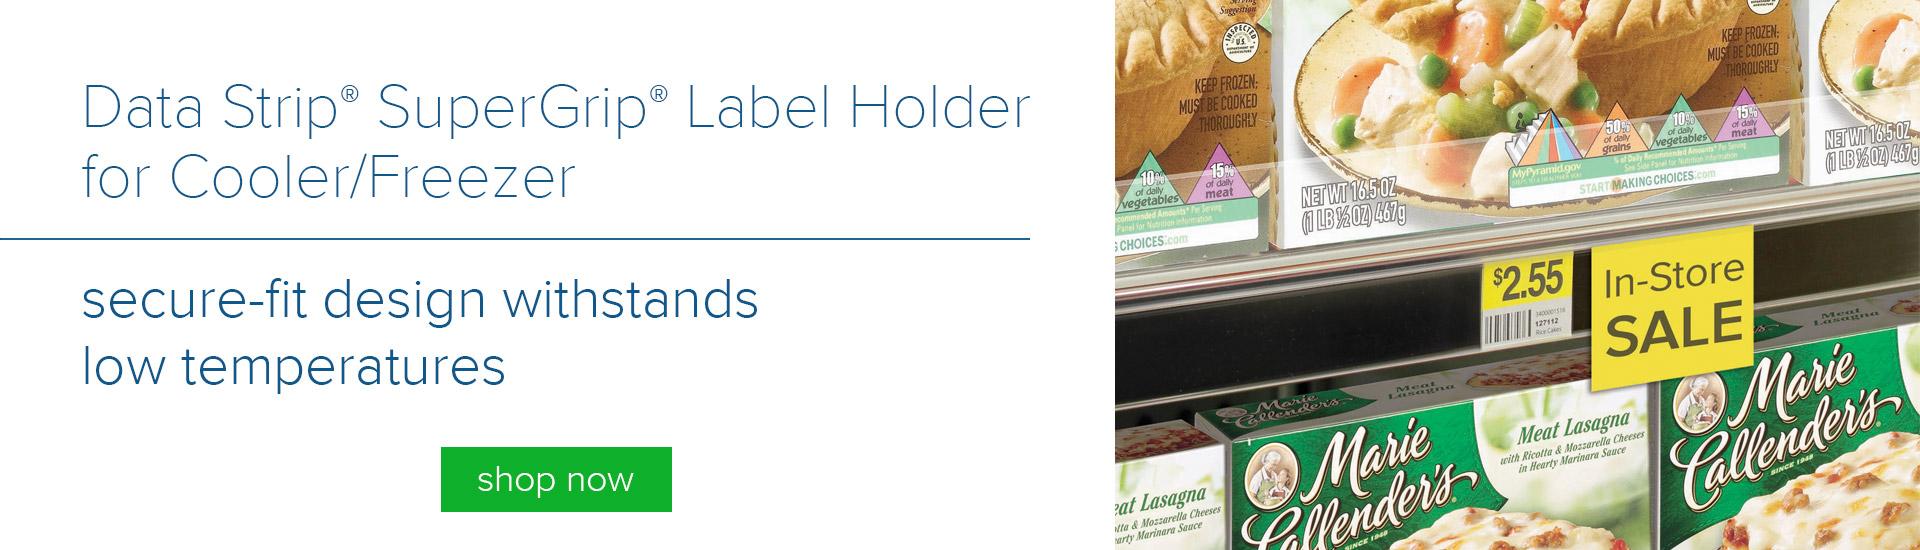 Data Strip Super Grip Label Holder for Cooler and Freezer